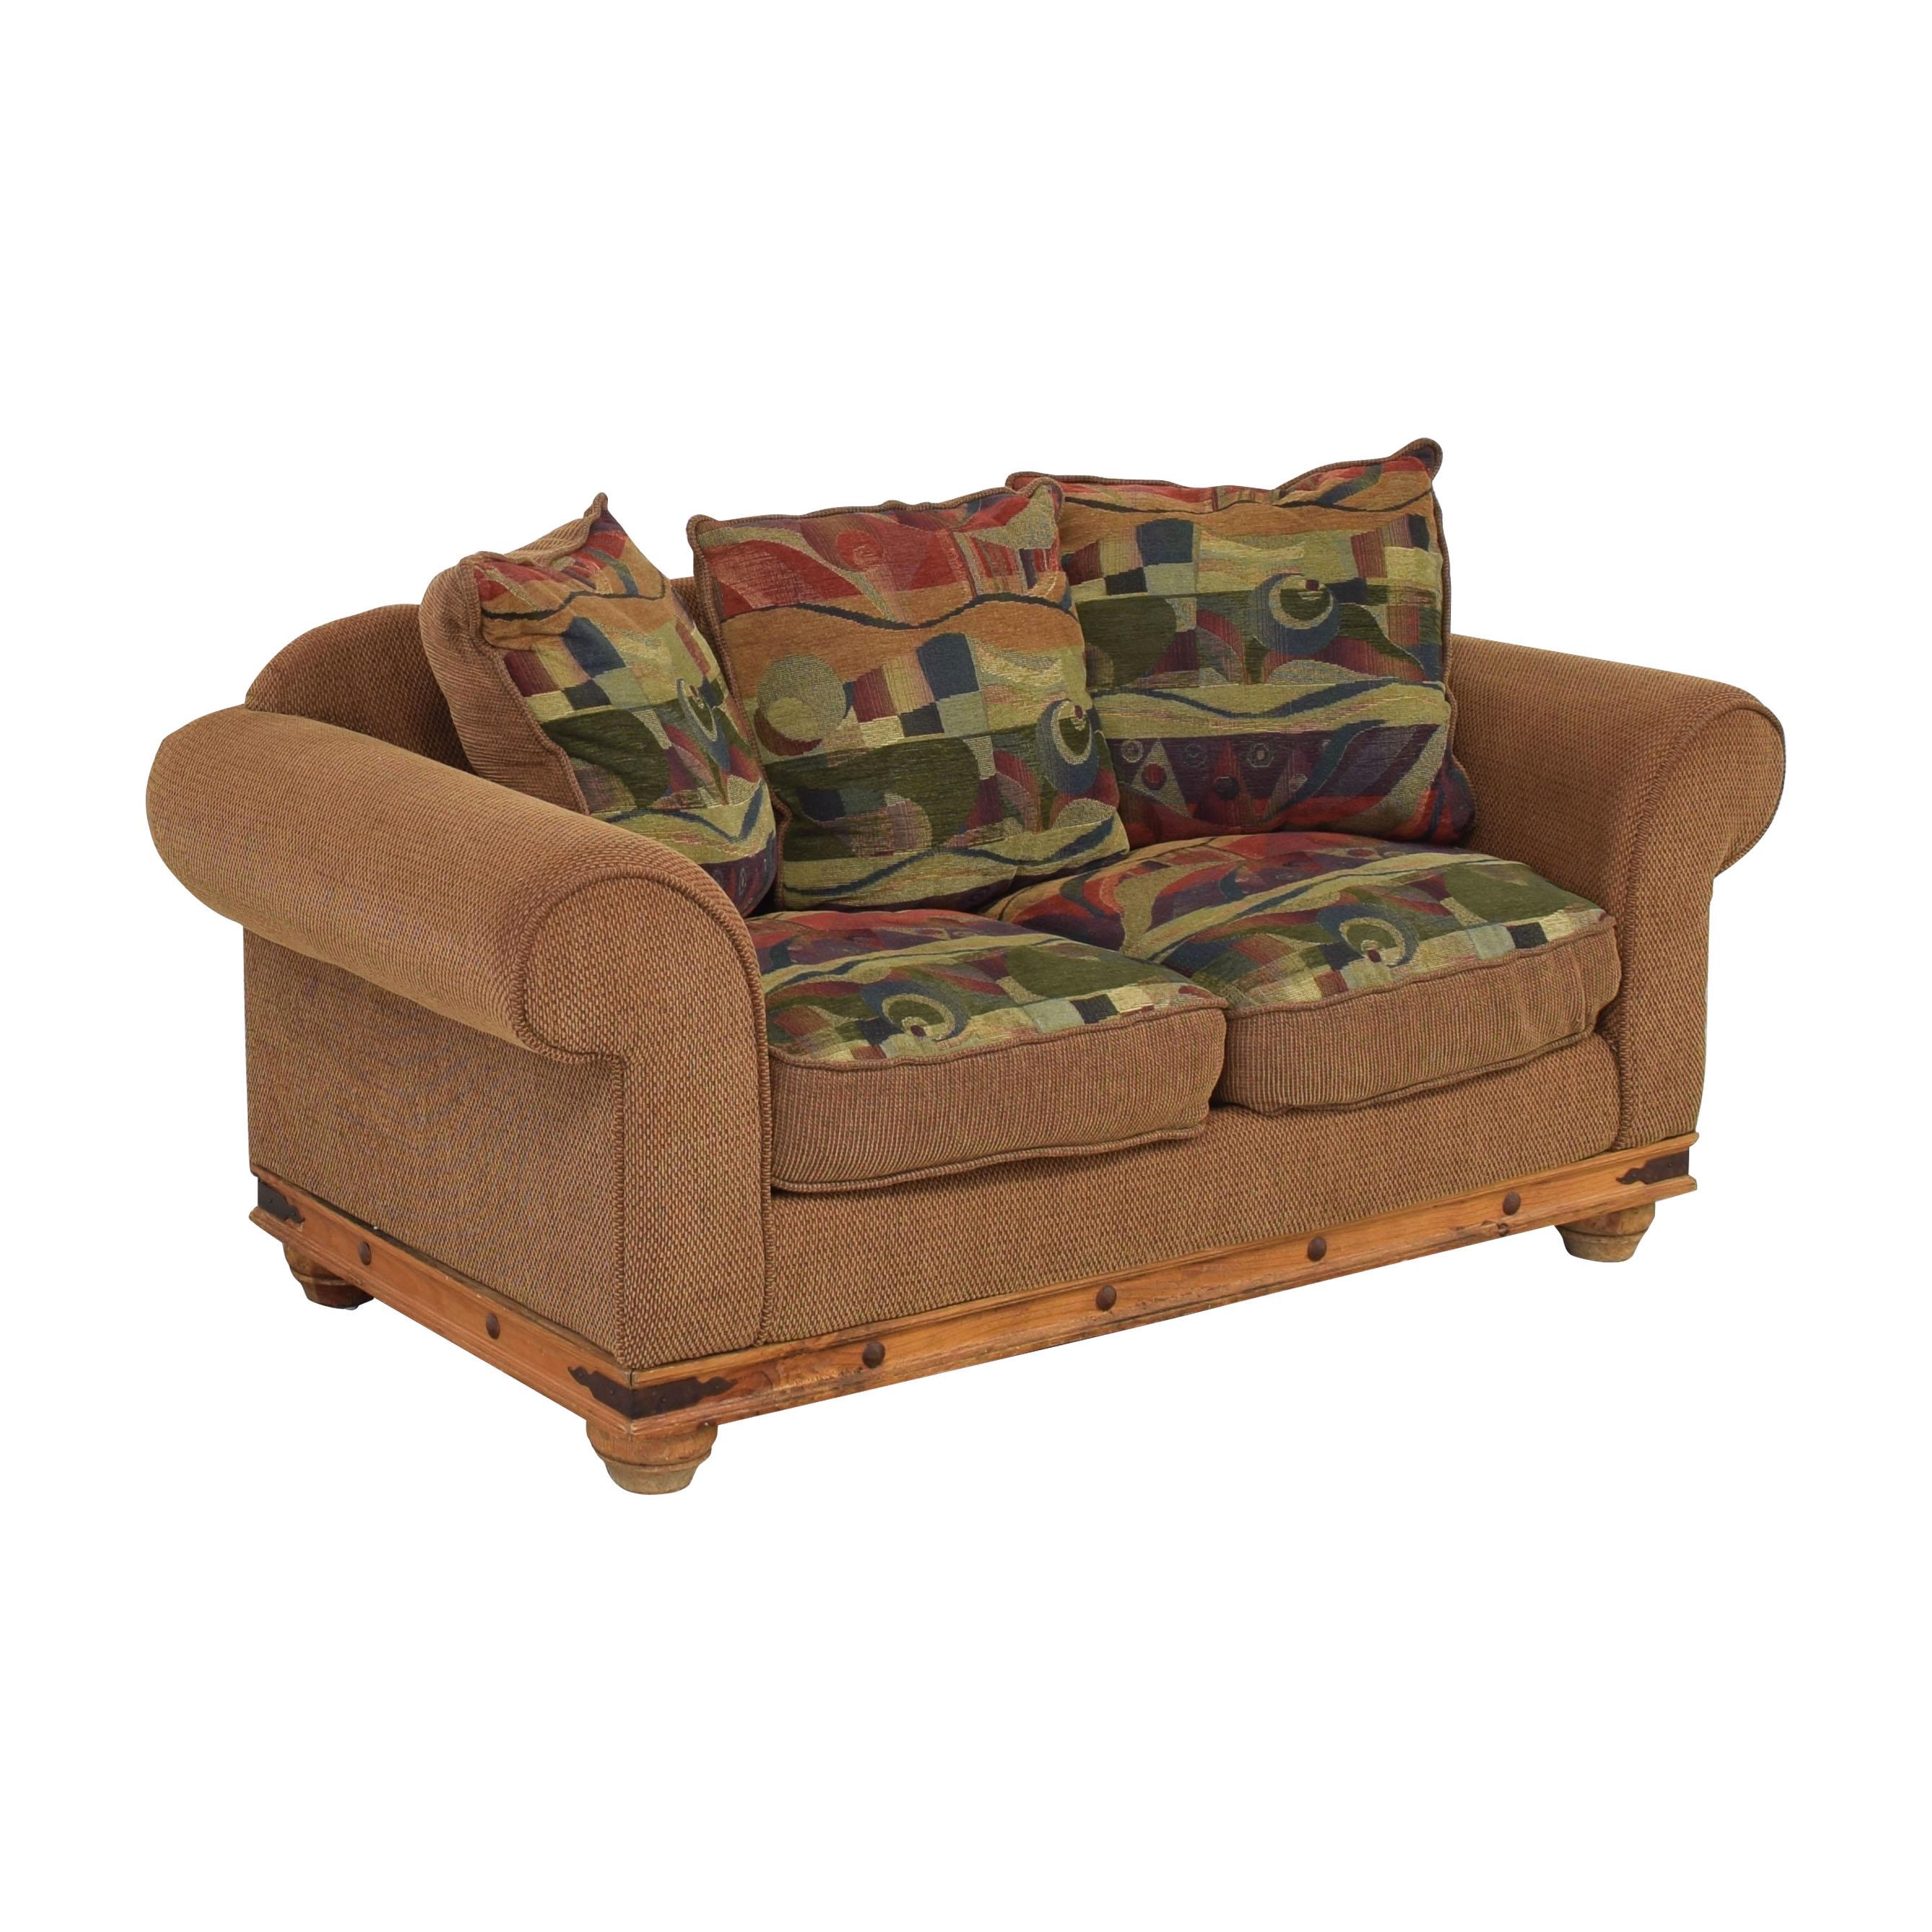 El Dorado Furniture El Dorado Two Seat Sofa Sofas